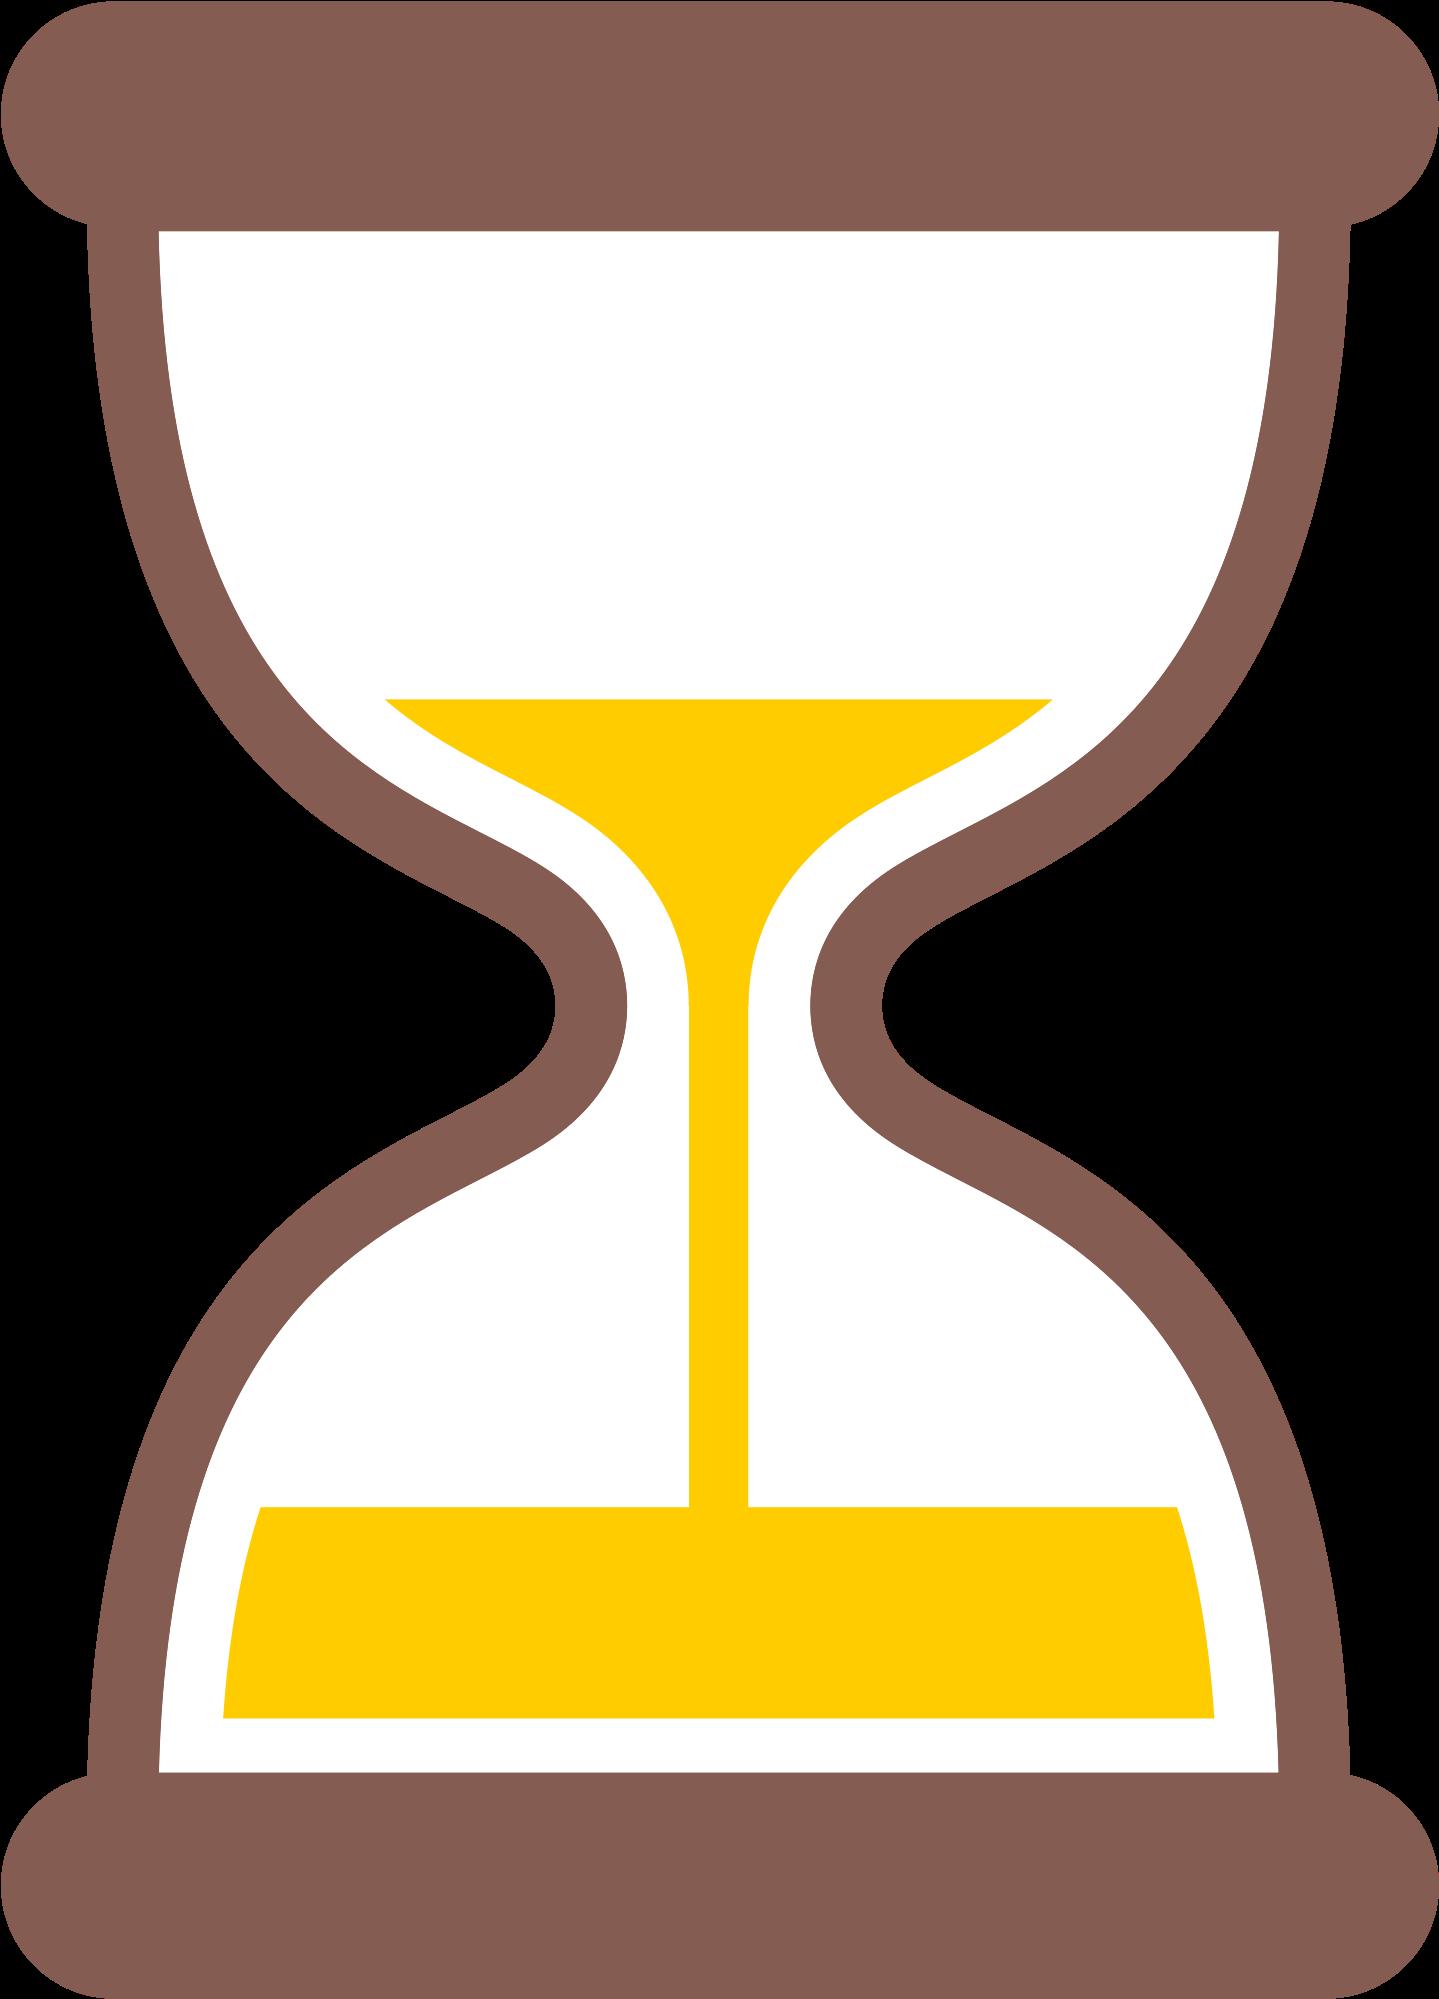 Hourglass Clipart Yellow.